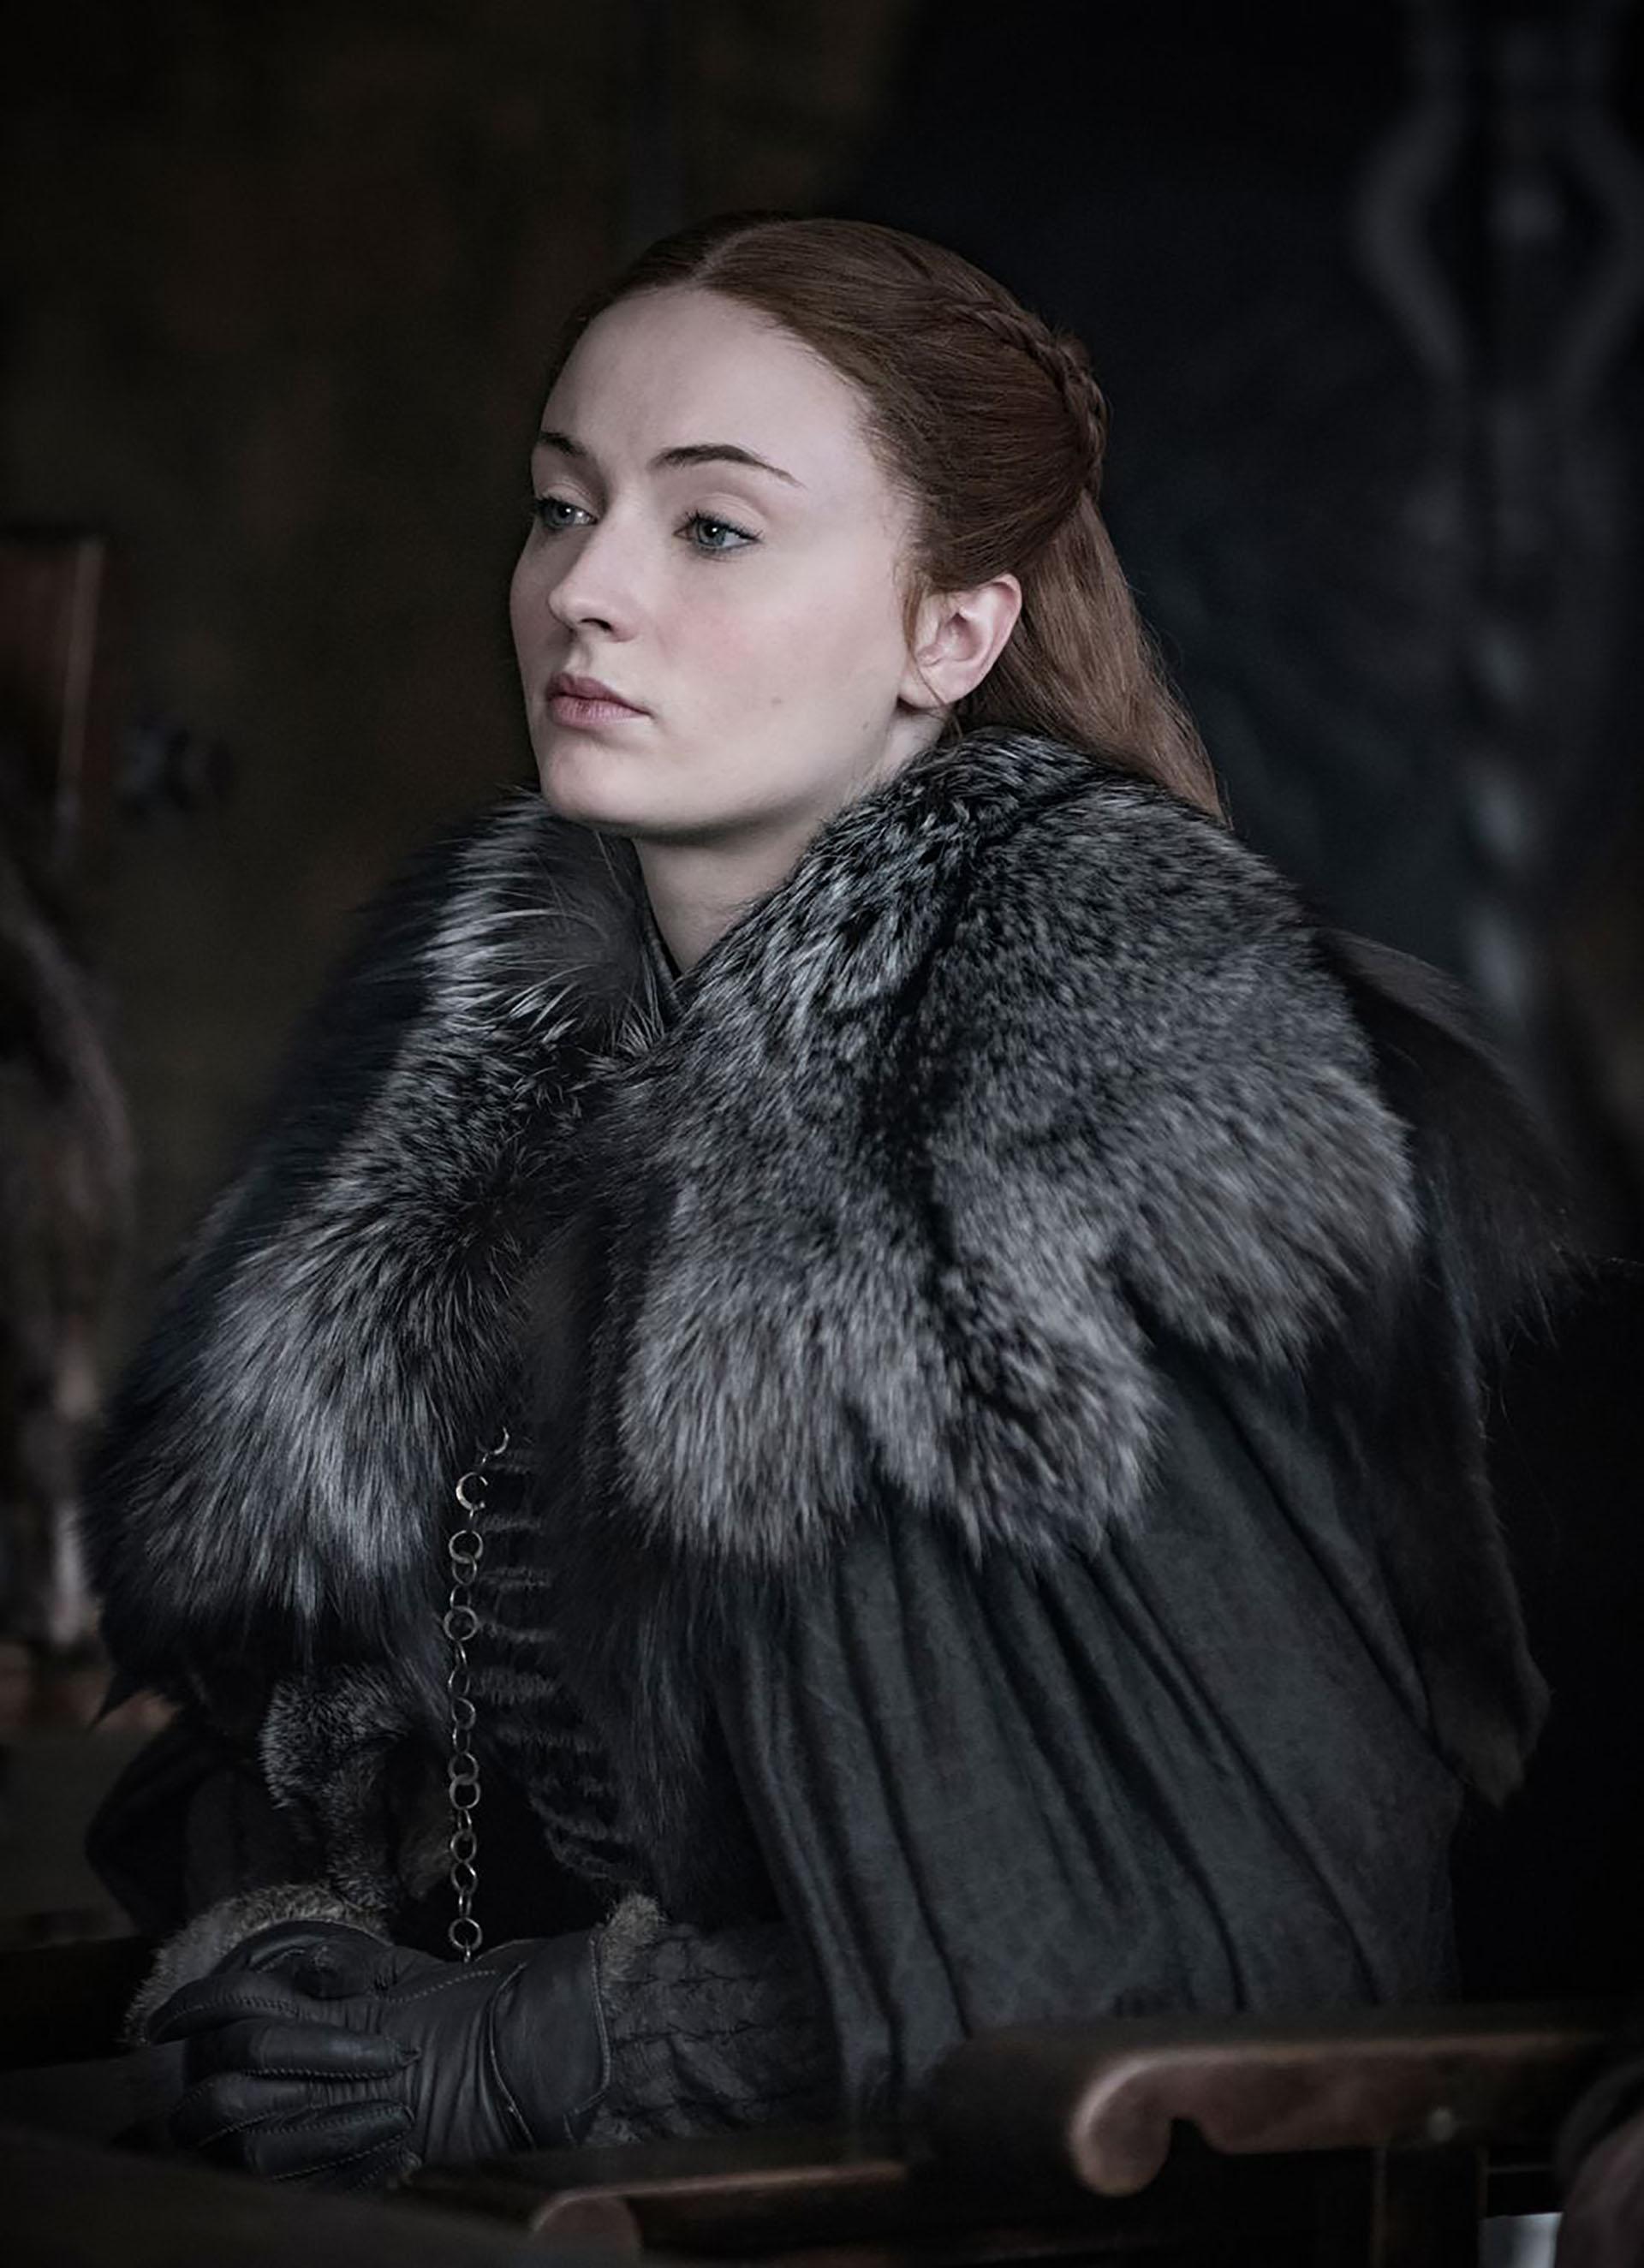 La evolución de Sansa fue acompañada por su vestuario. Abrigos con cuellos piel, guantes de cuero, remeras de mangas largas, faldas y vestidos largos, todos en tonalidades neutras que remontan a la paleta cromática del invierno: el gris, negro y blanco